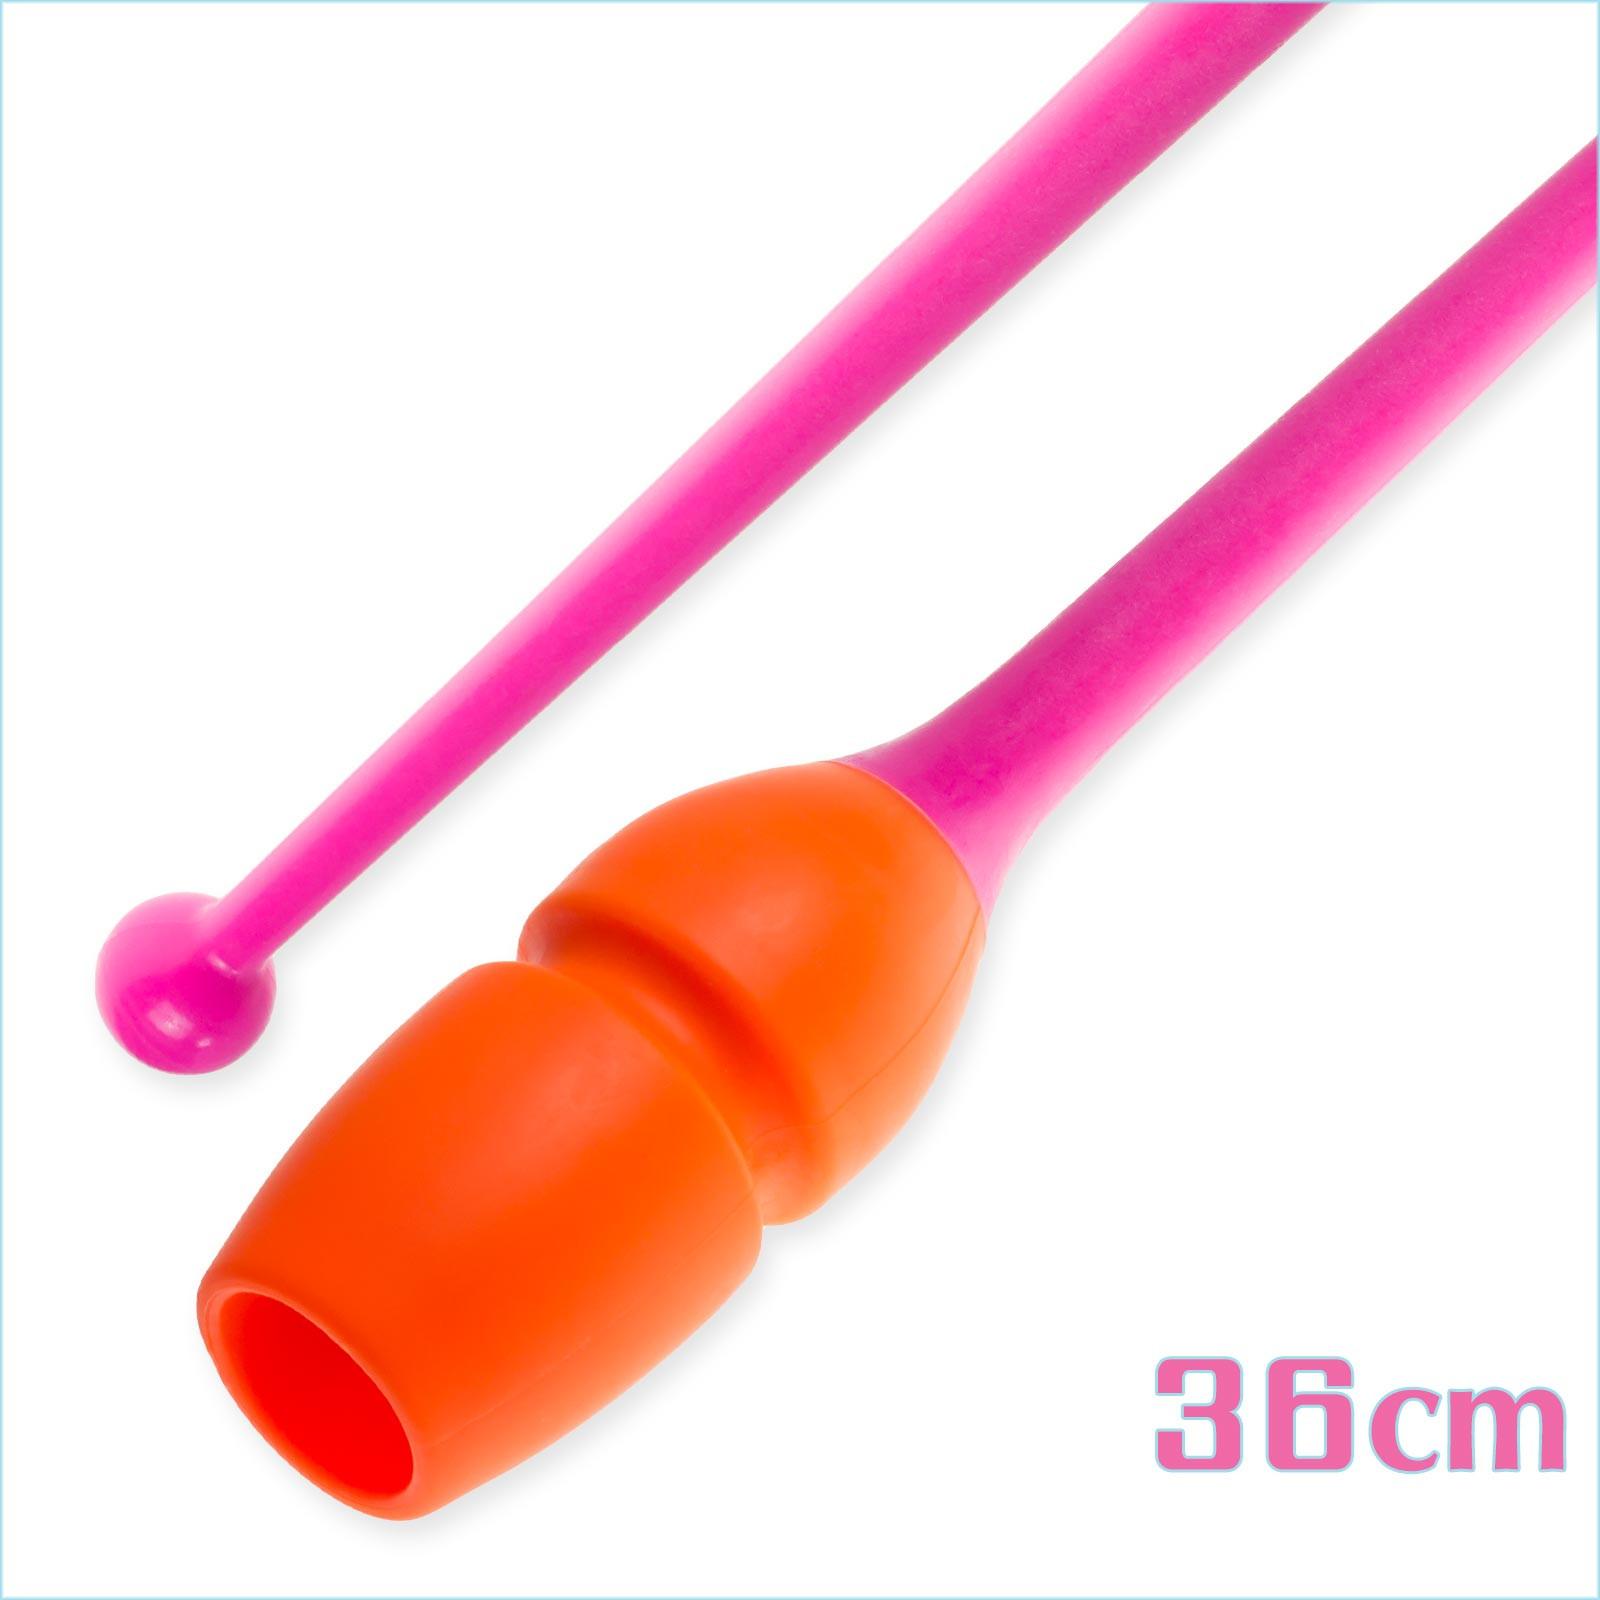 Булавы 36 cм Pastorelli Connectable цвет Оранжевый-Розовый Артикул 04233-2